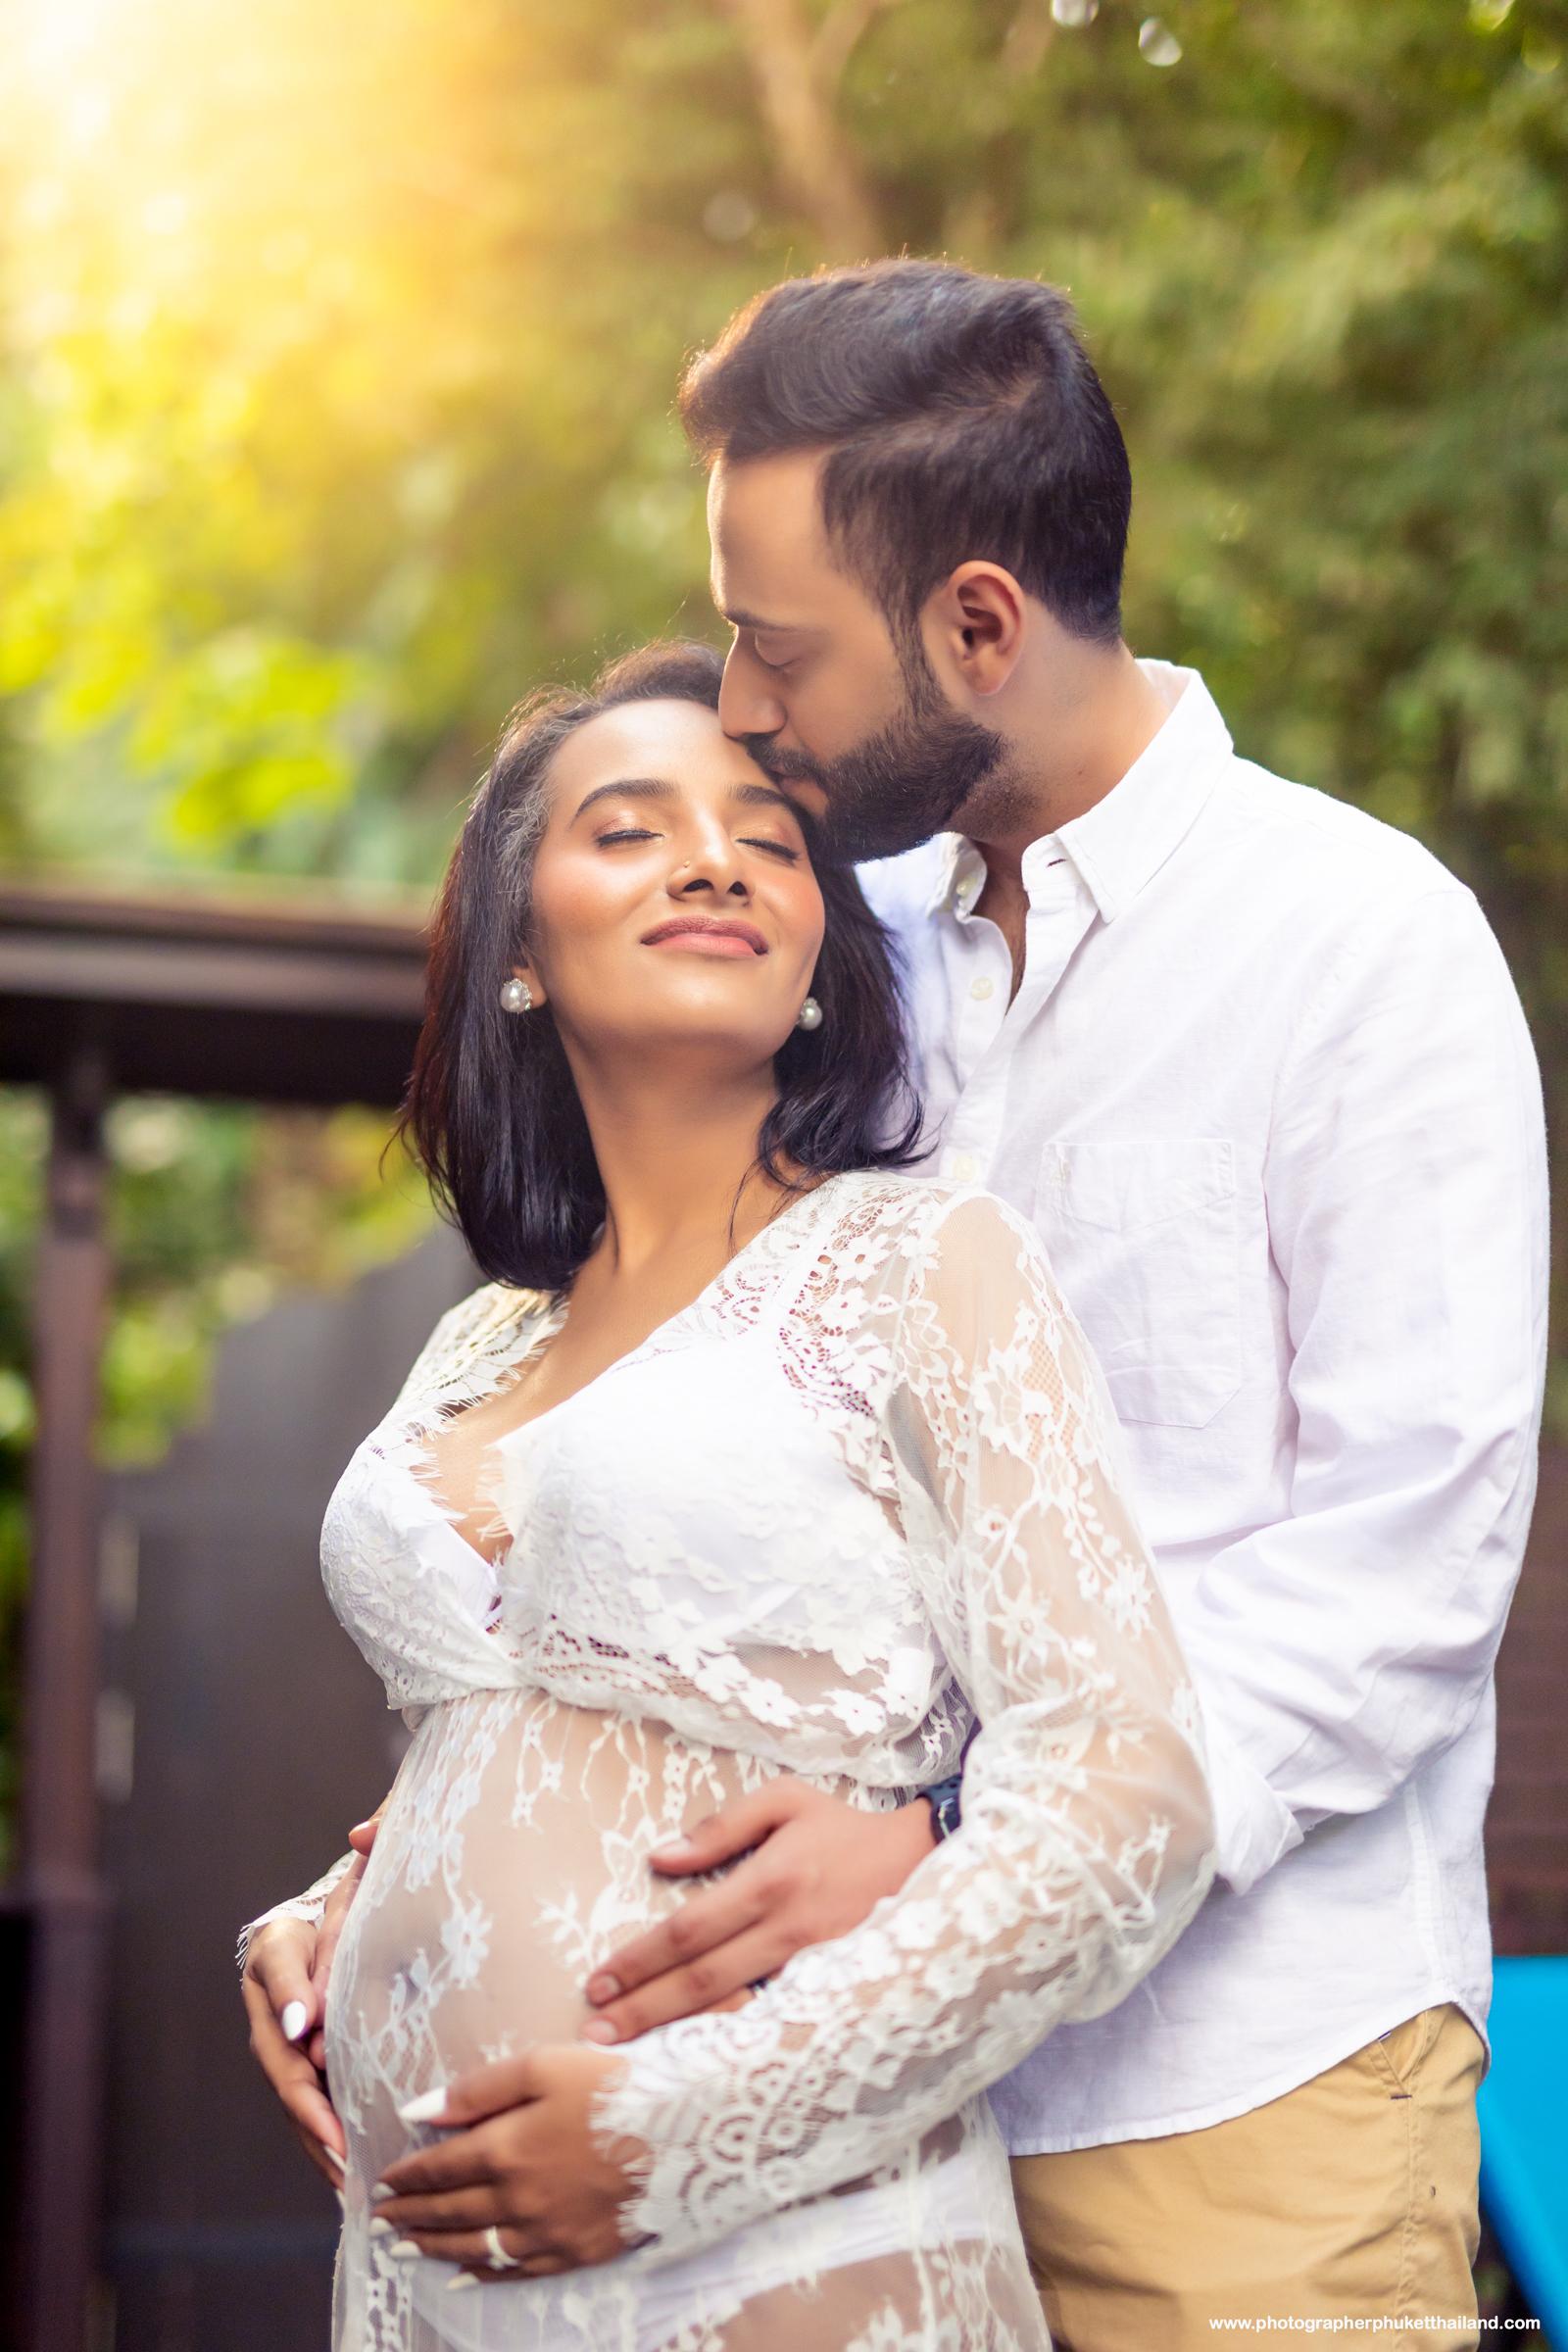 Maternity photoshoot by phuket photographer